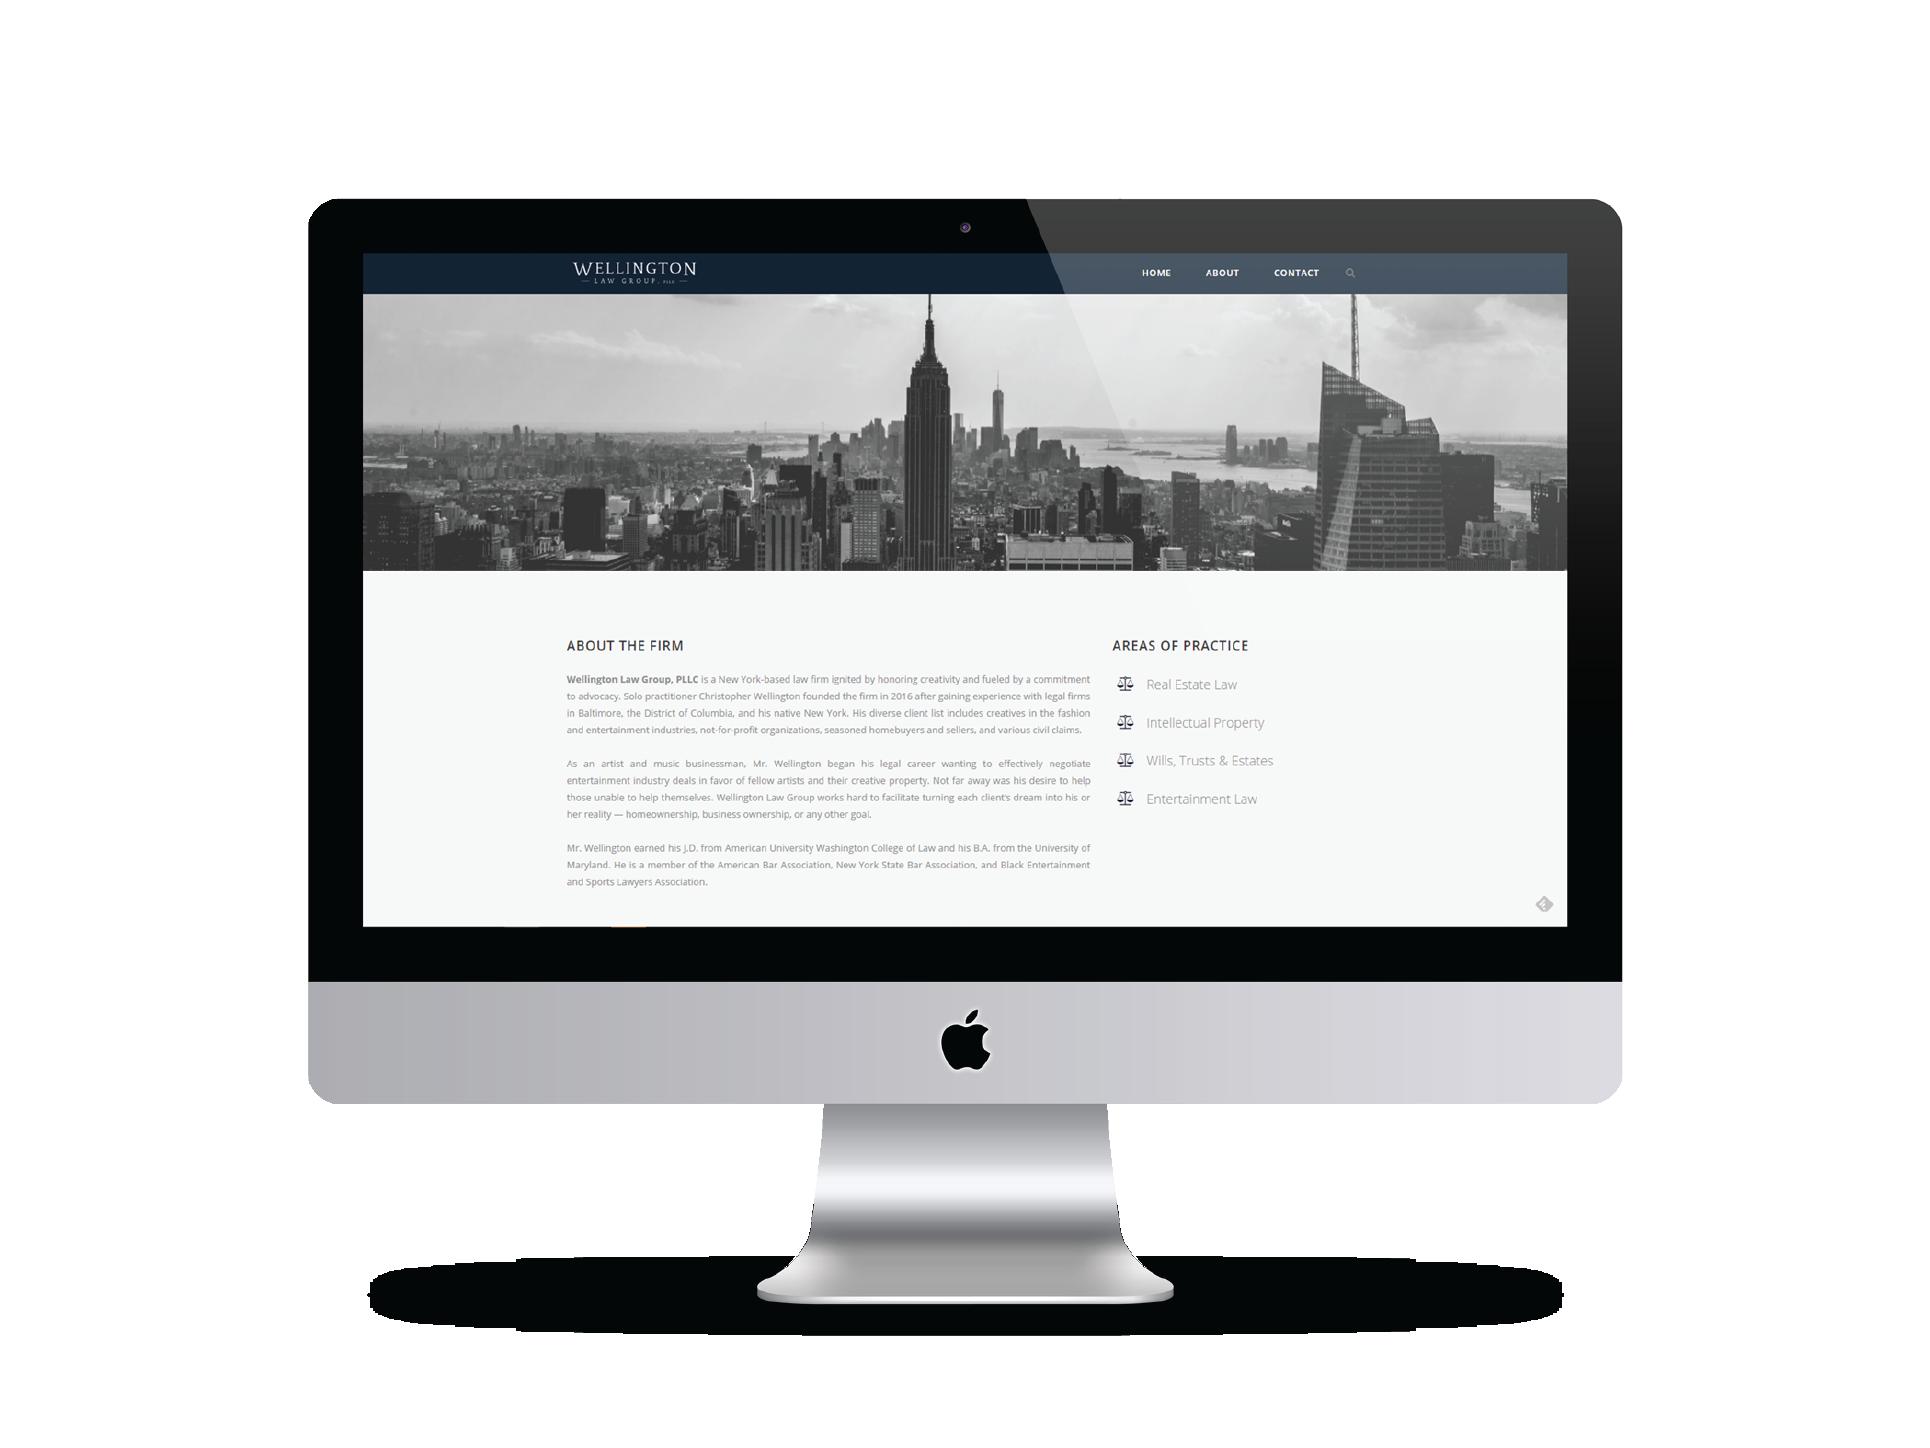 Web Design - Wellington.png